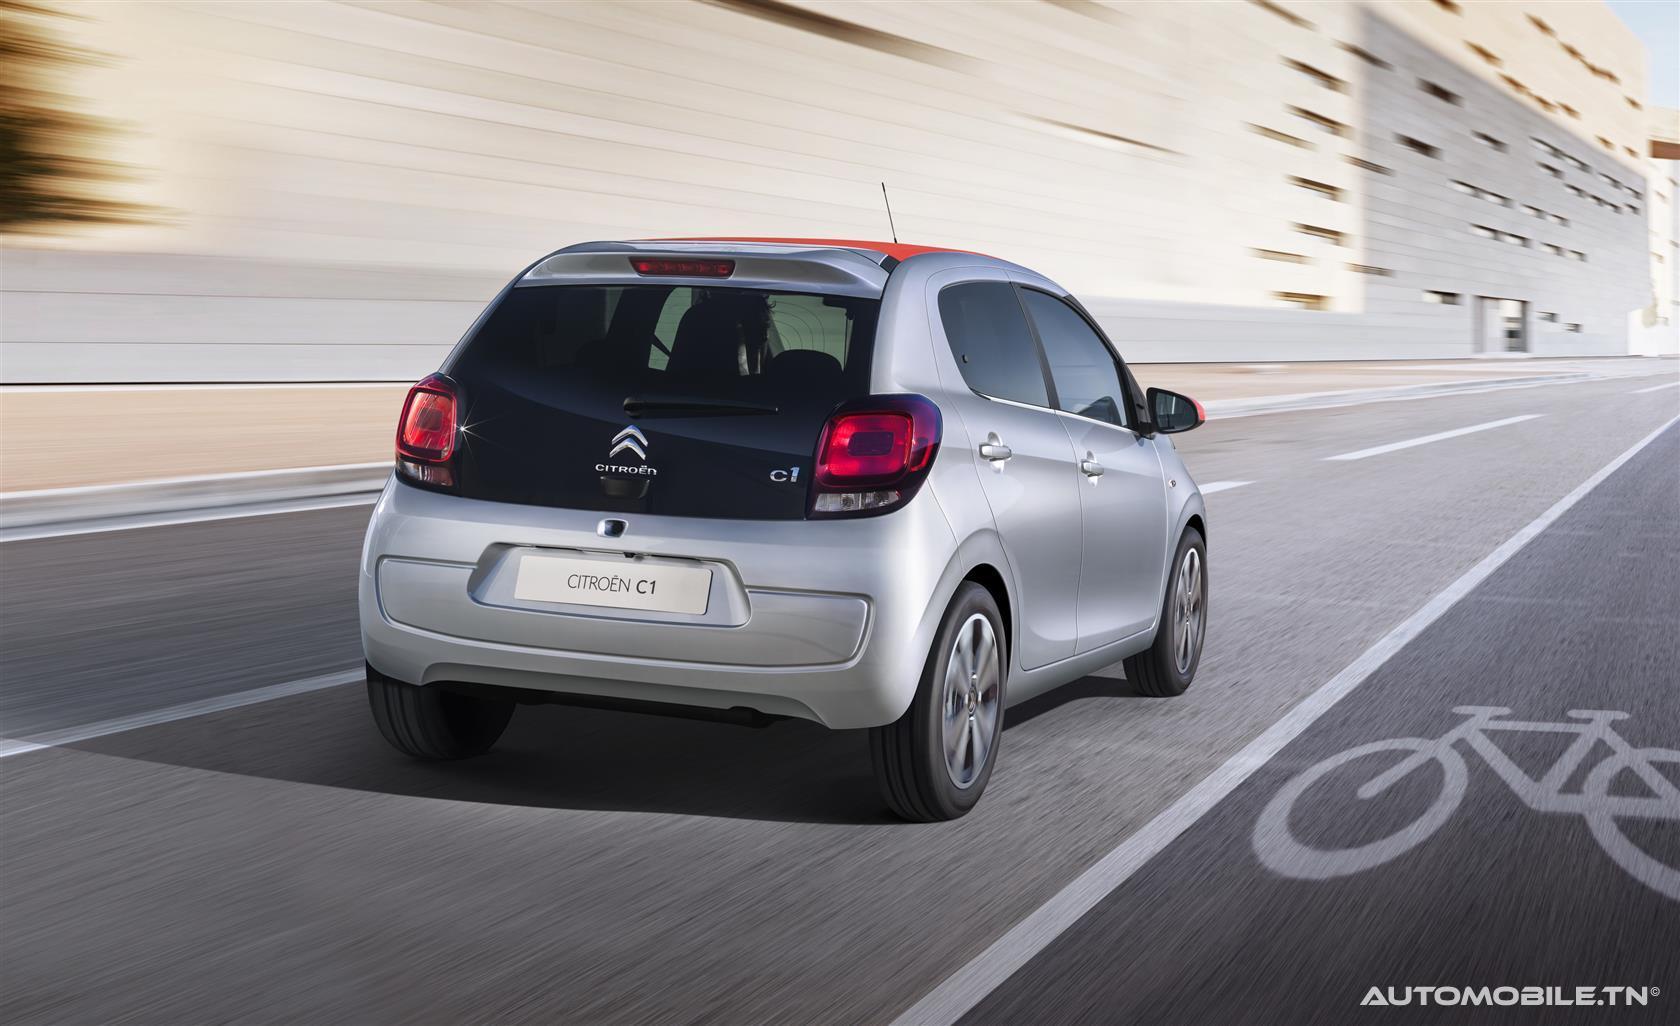 Nouveautés - Nouvelle Citroën C1 !